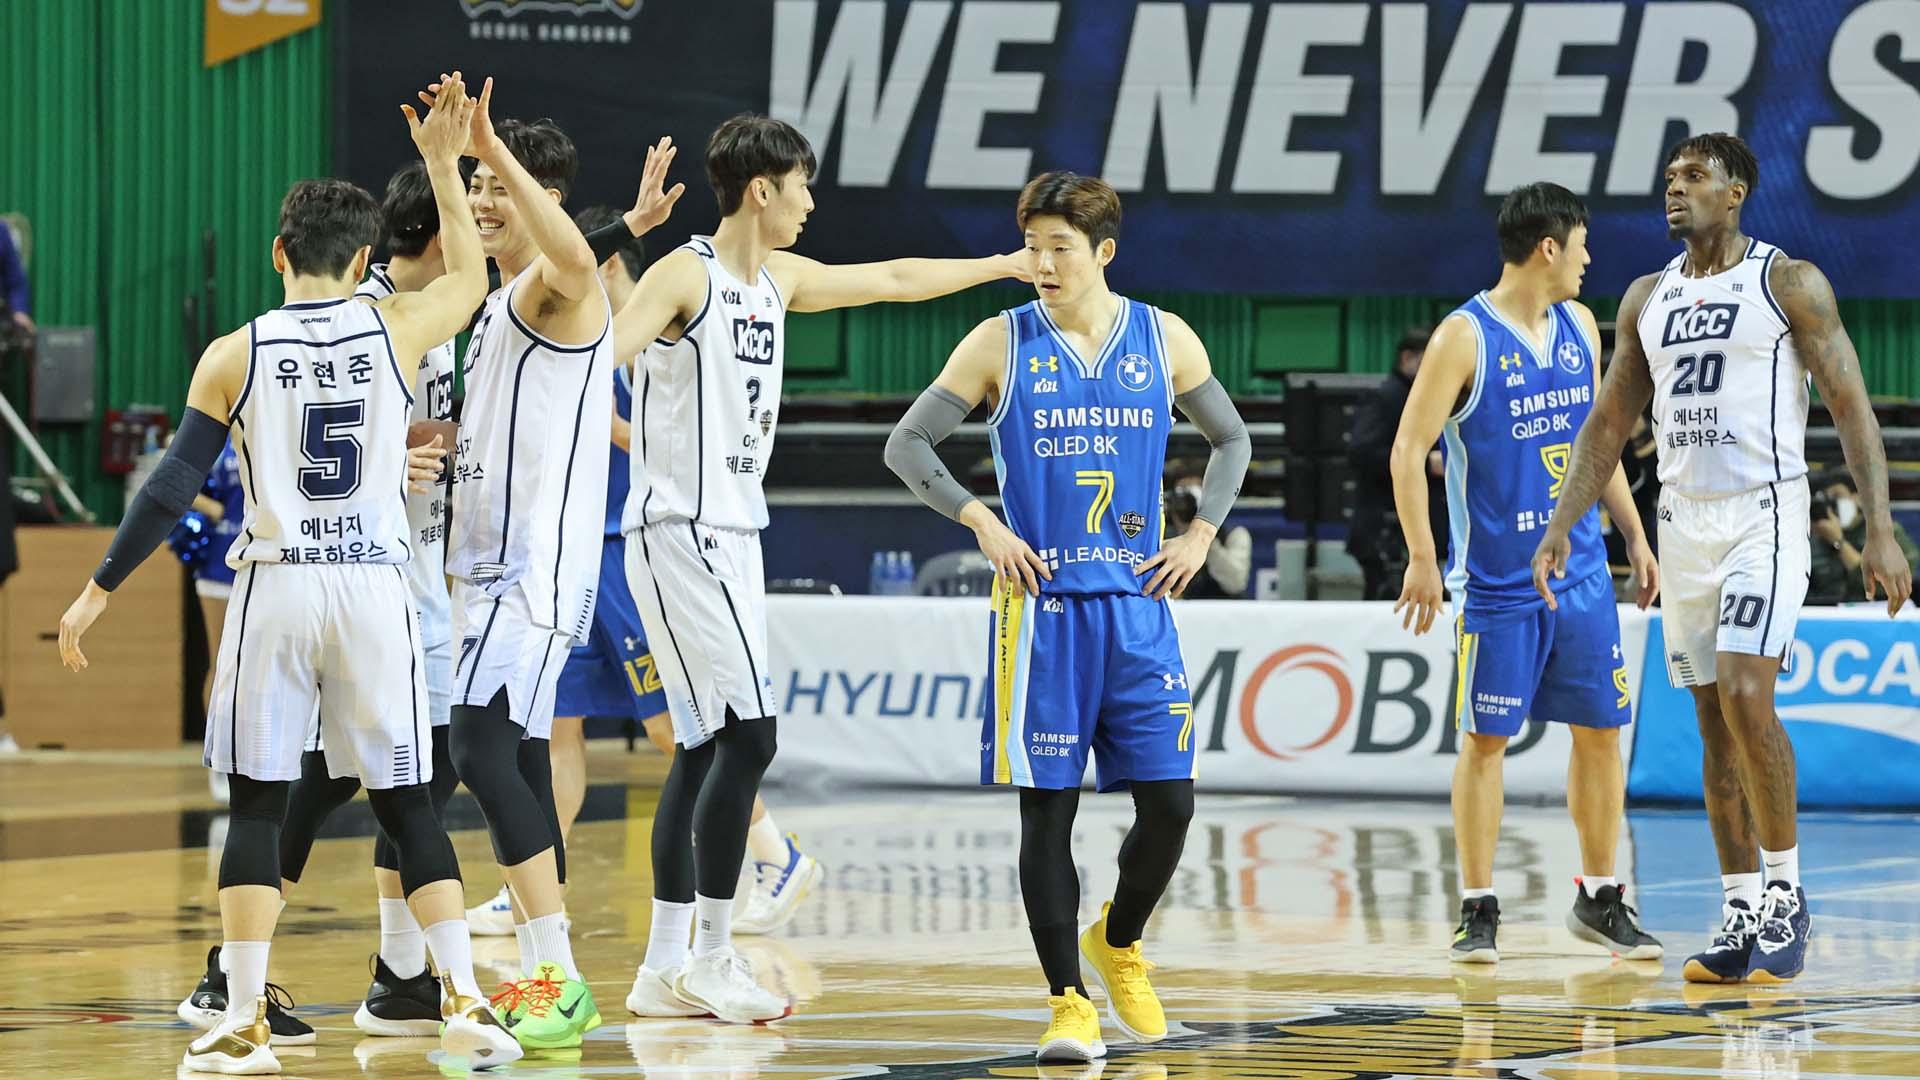 [프로농구] KCC, 삼성 꺾고 12연승…팀 최다 연승 타이